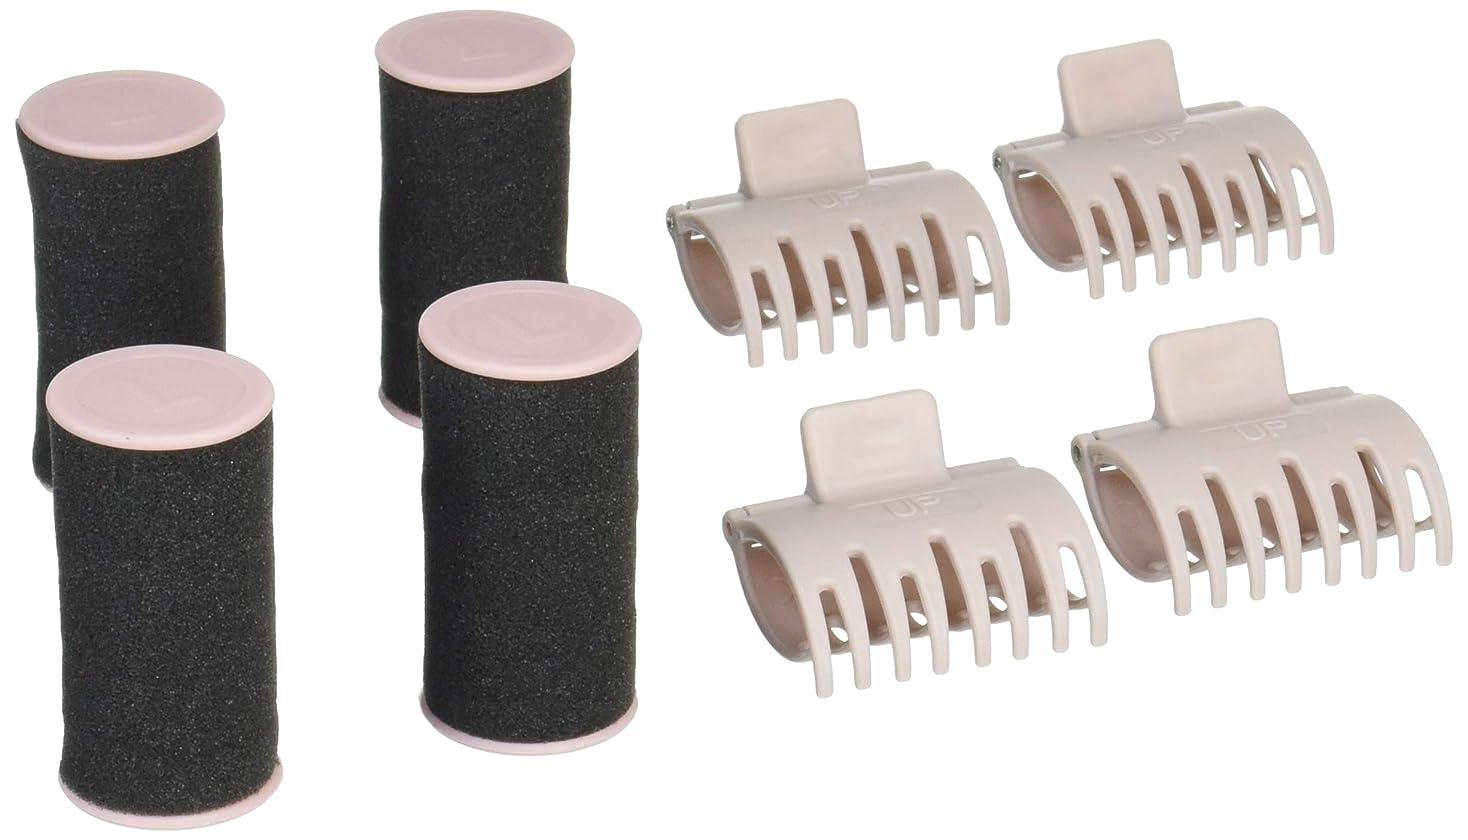 配管工変更可能病んでいる滝川 ビナールプチ モイスチャーカーラー 専用カーラー Lサイズ4本セット(クリップ付き)